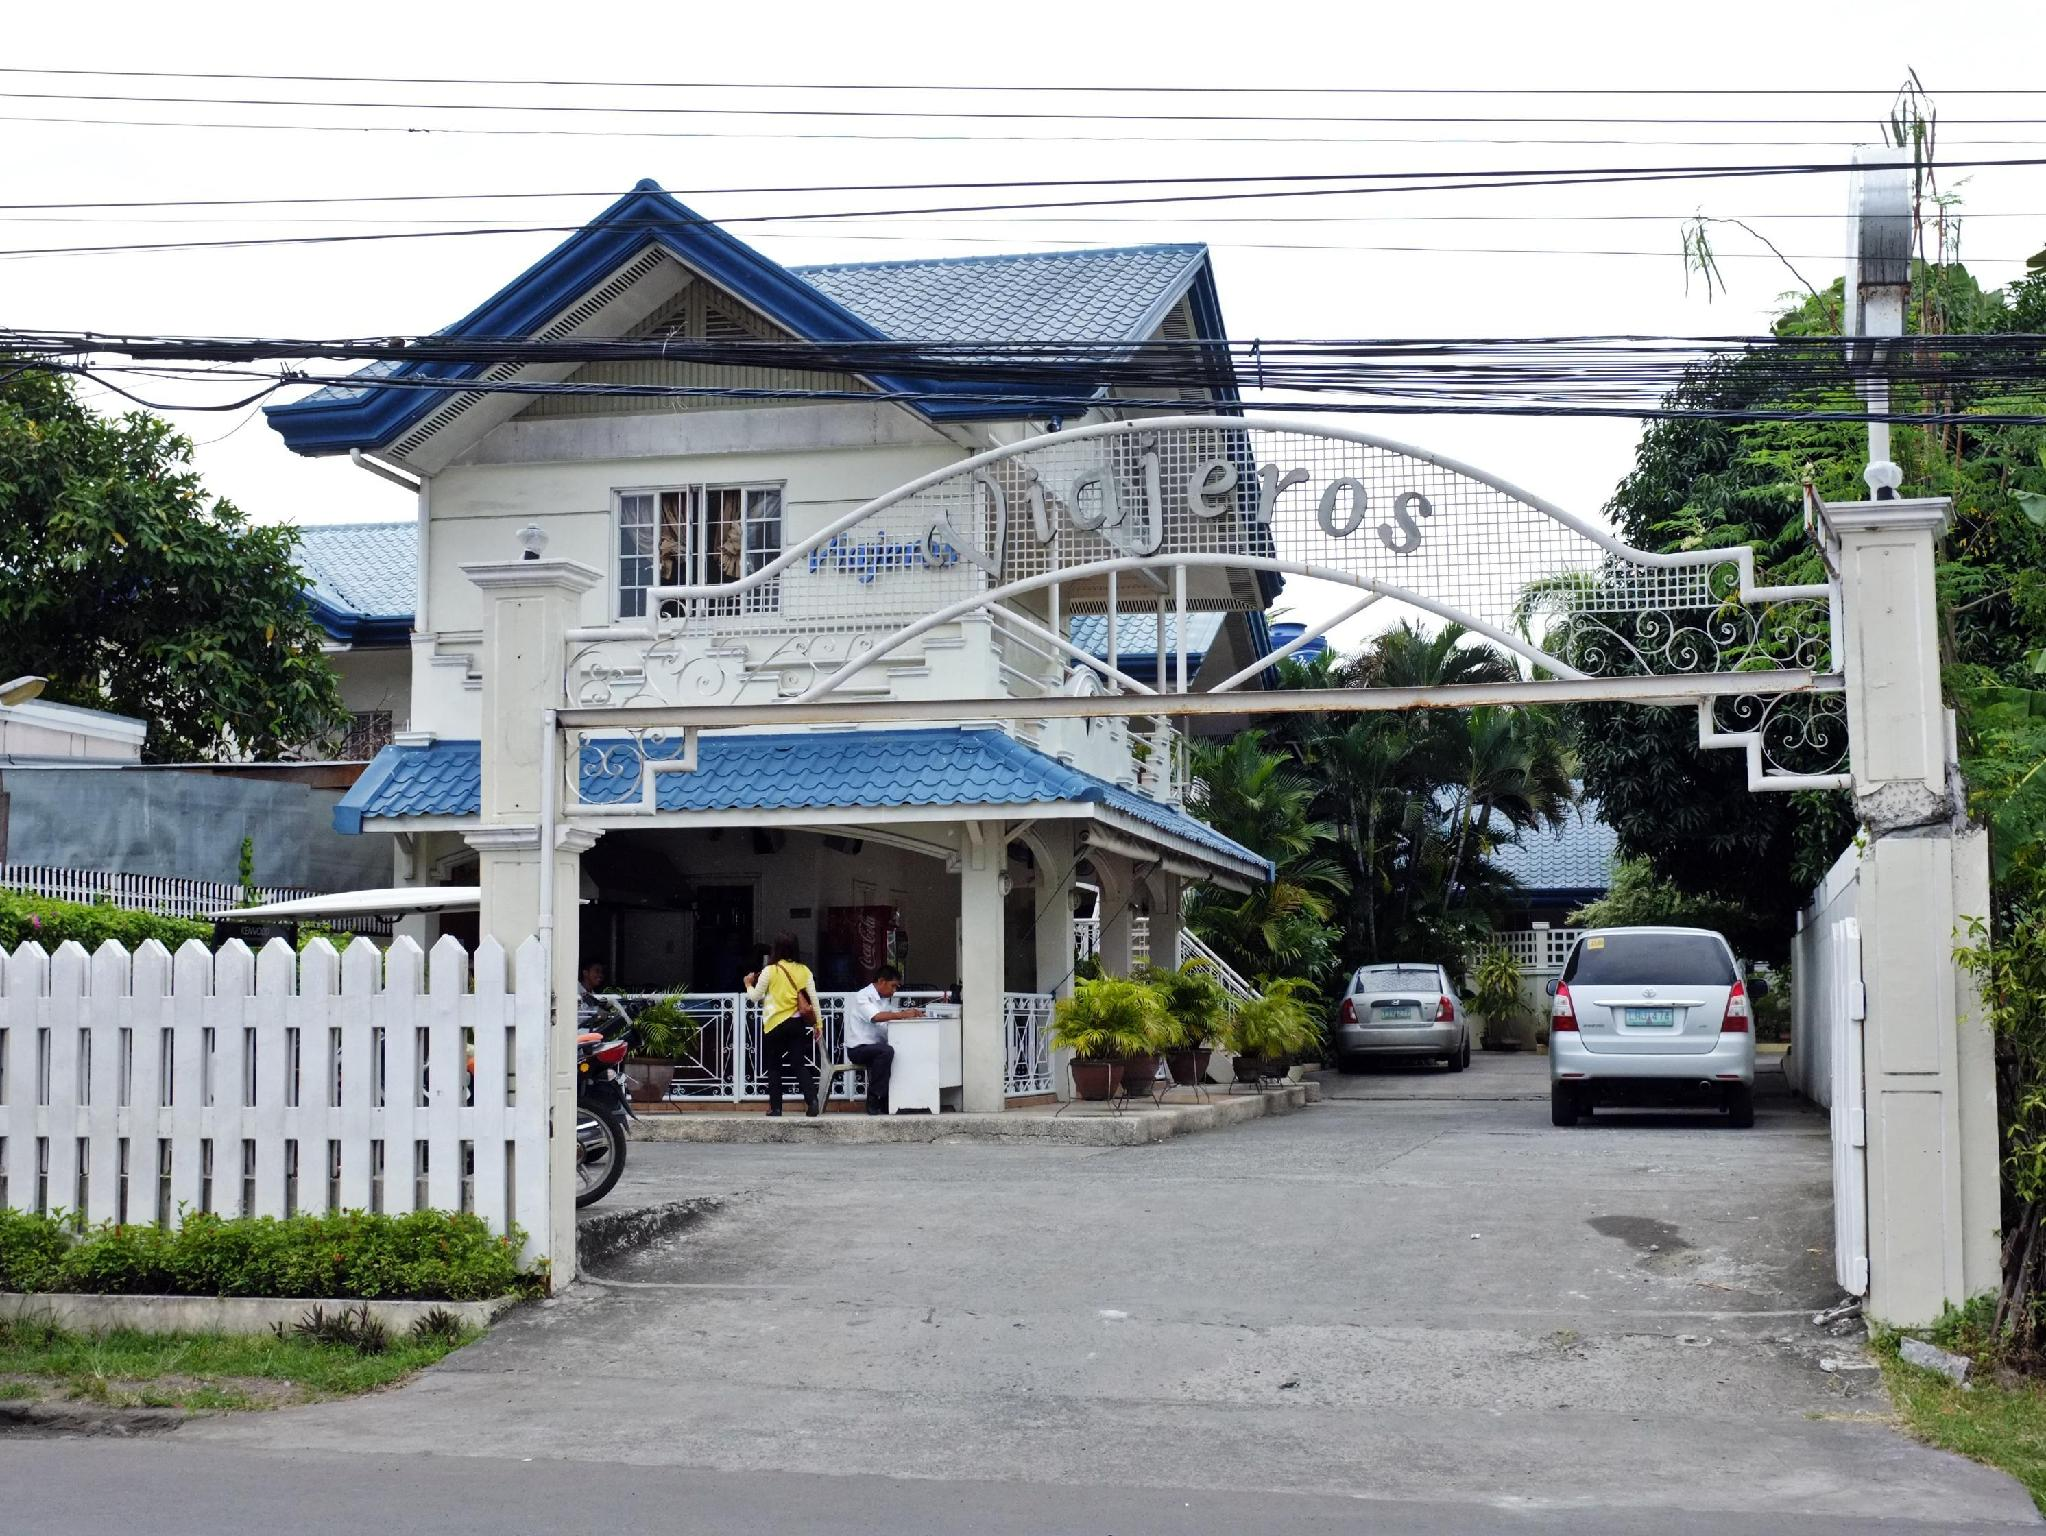 Viajeros Economy Inn Davao City - Hotellet udefra